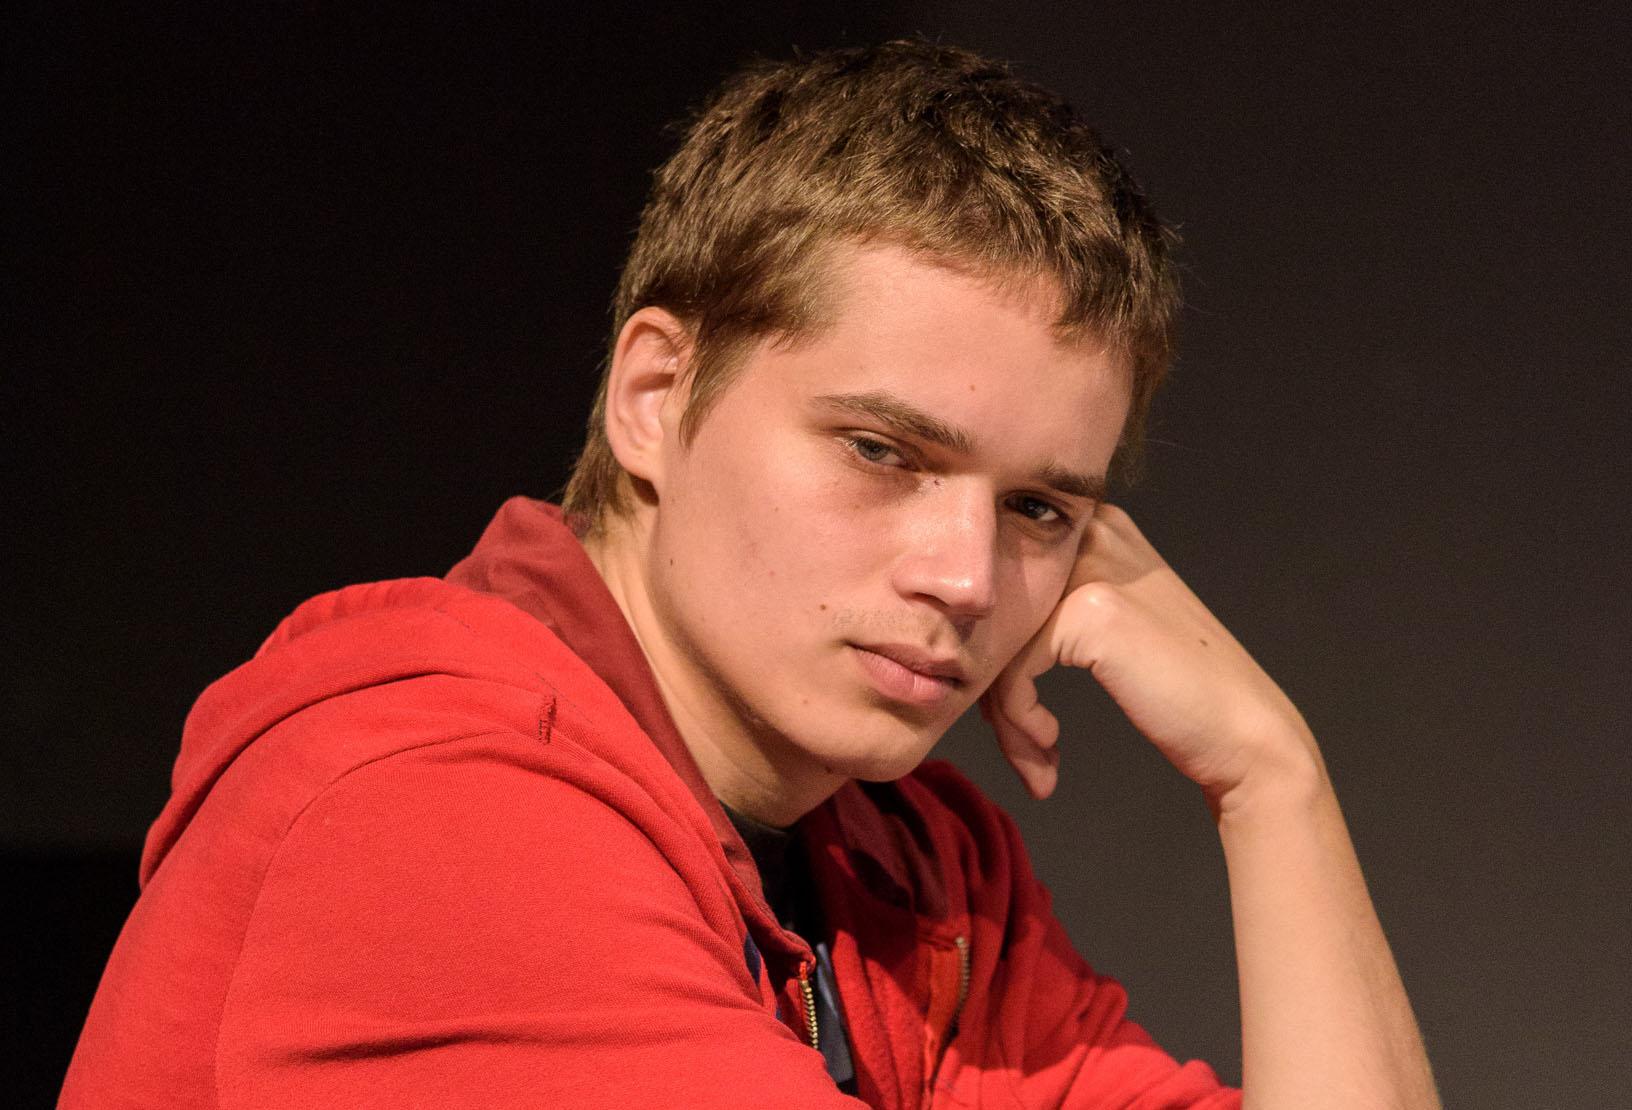 Anton Kovalyov joueur d'échec